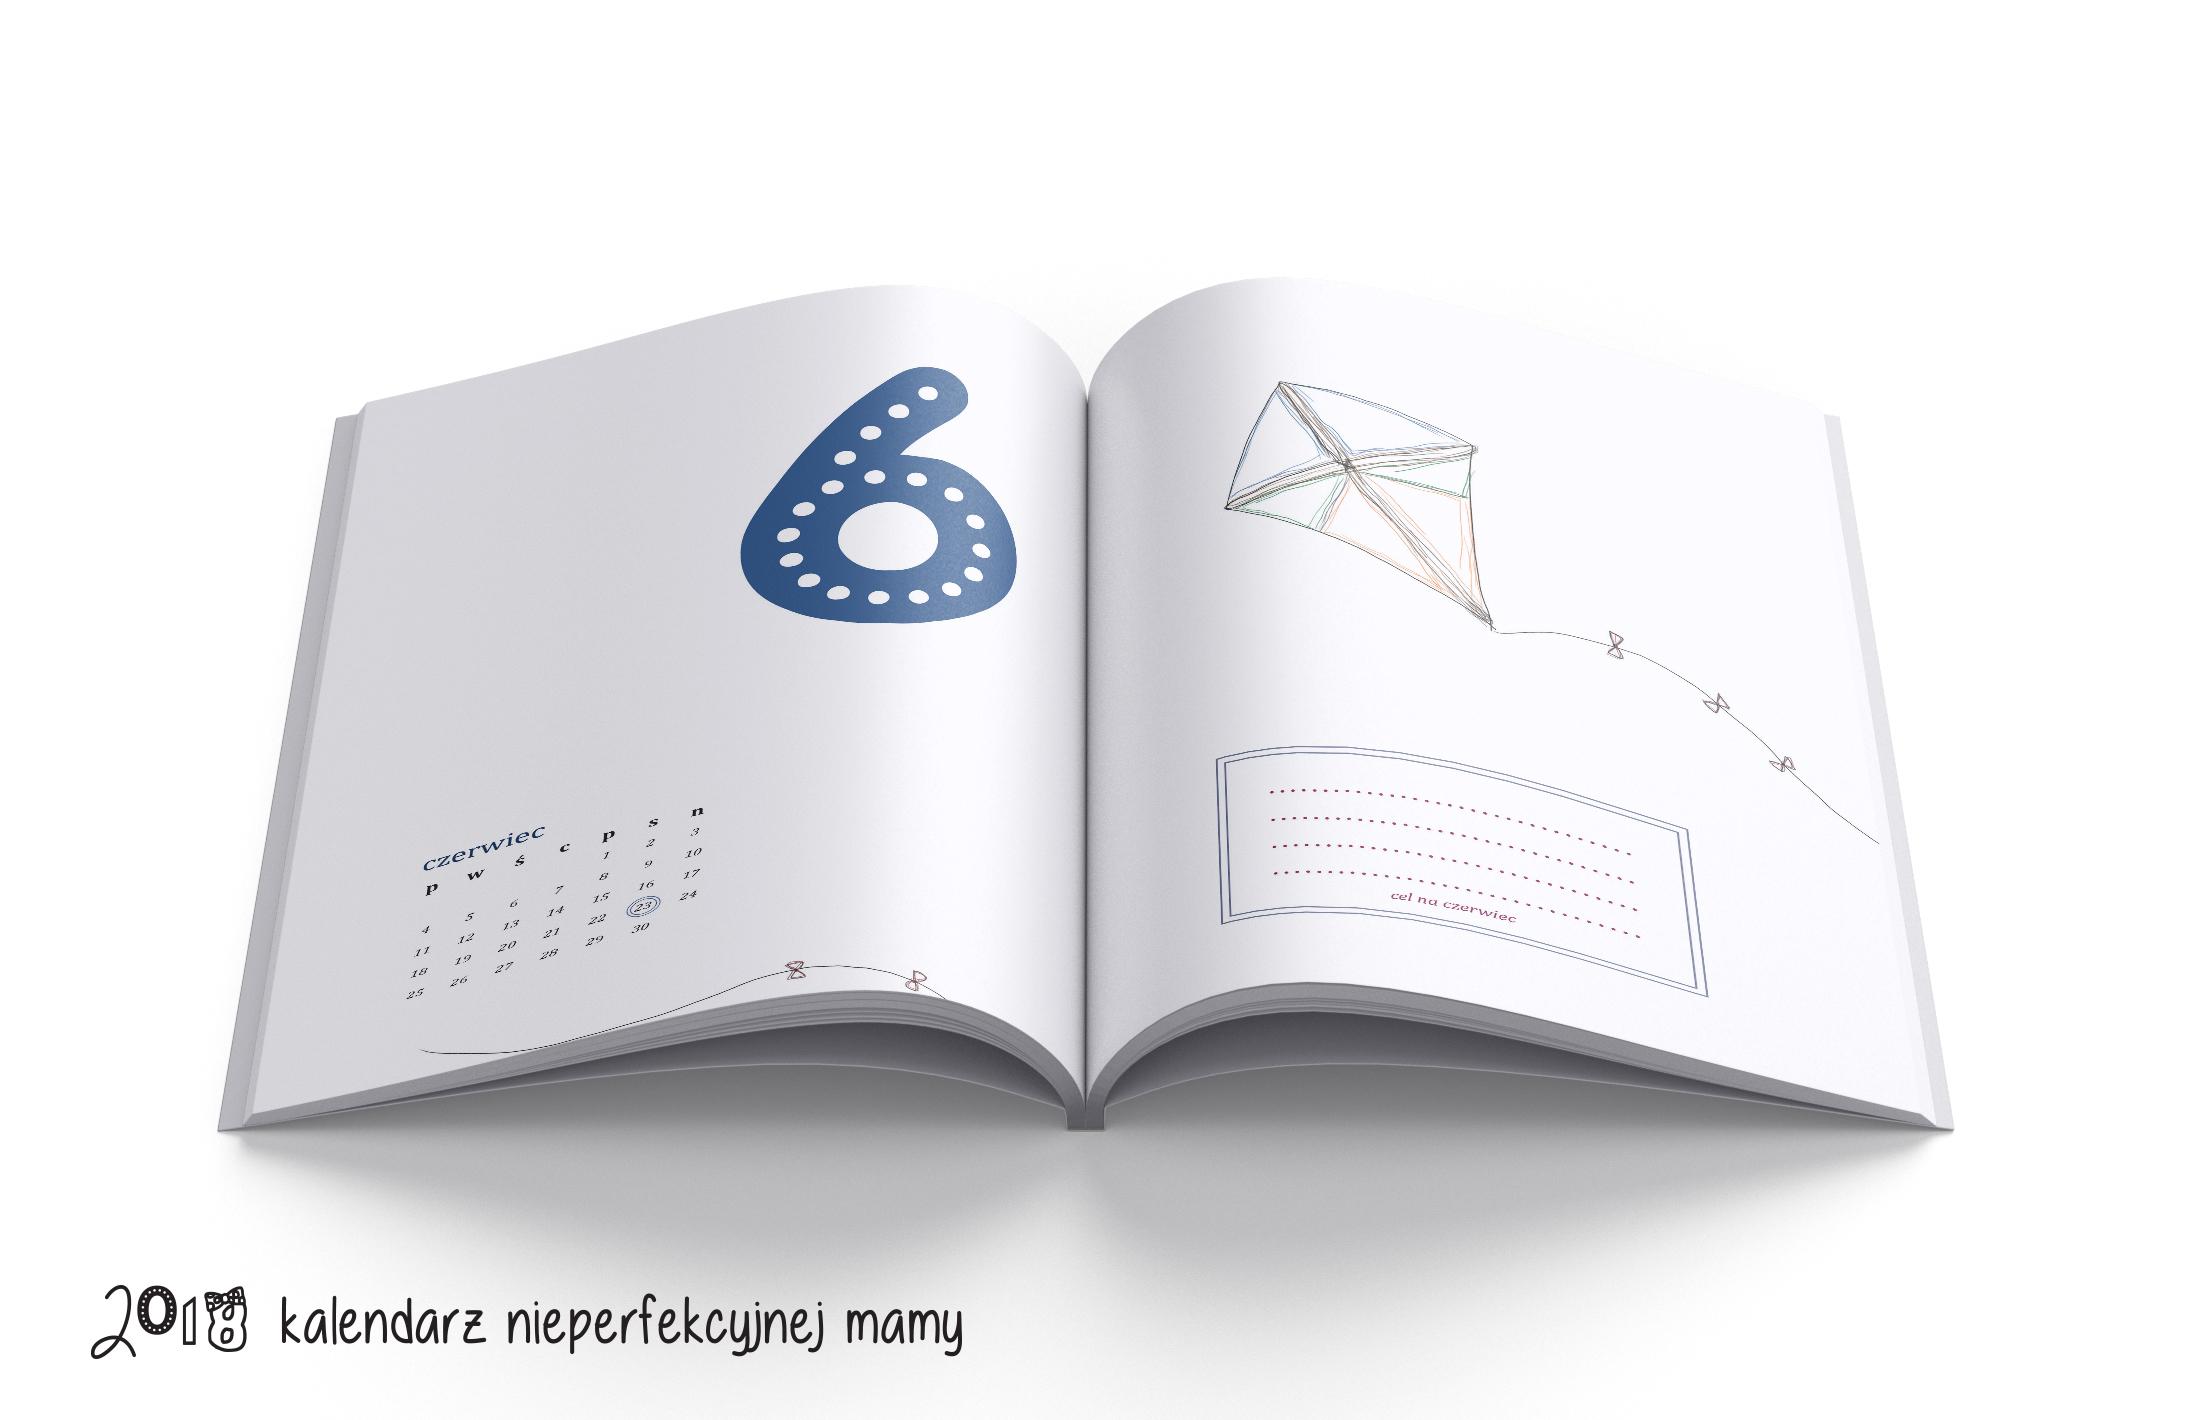 formularz zamówienia nieperfekcyjnego kalendarza na 2018 rok